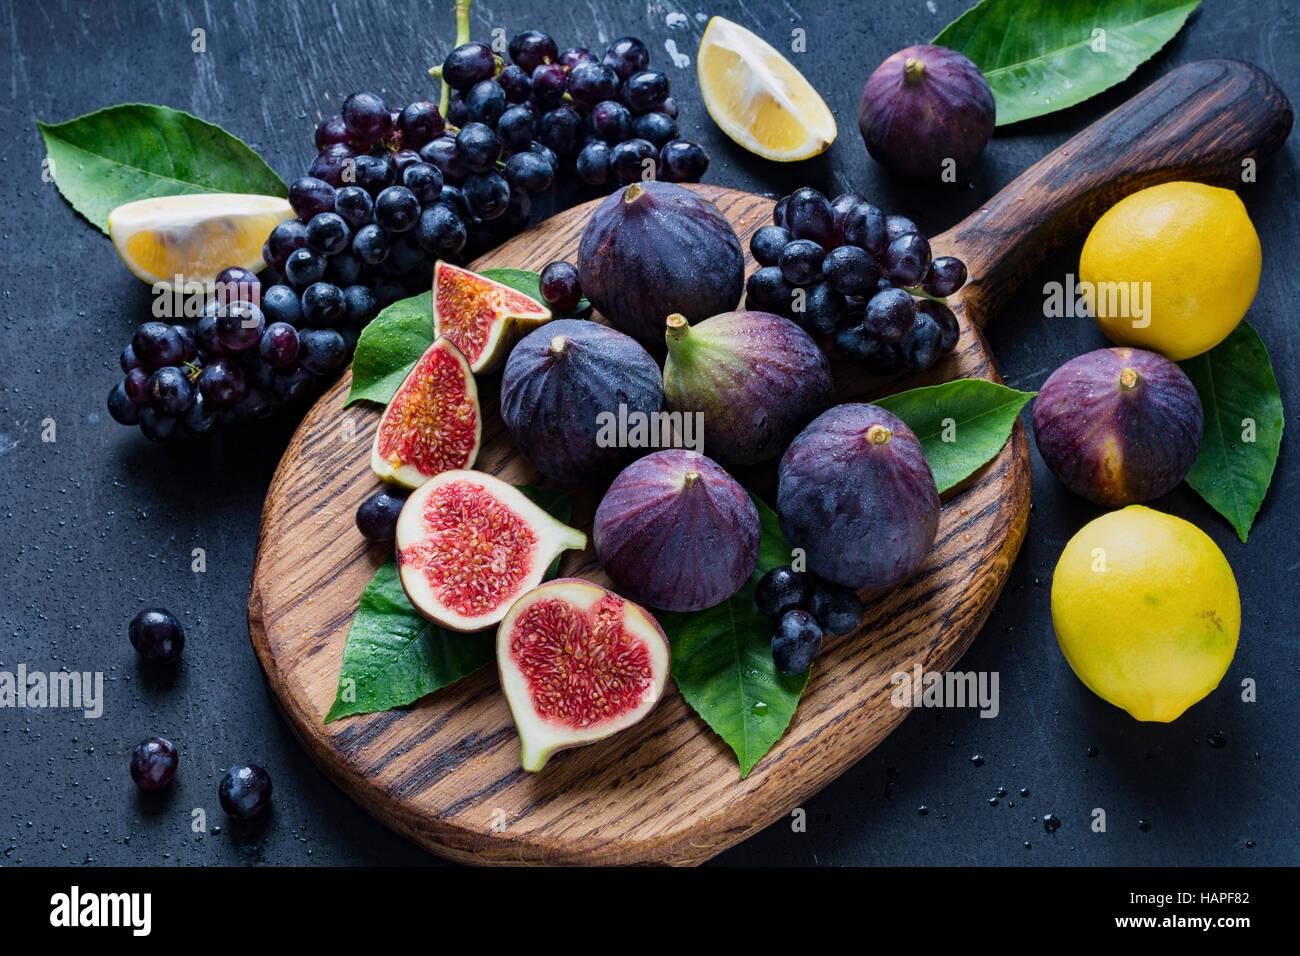 Figues fraîches, raisins noirs et de citrons. Variété de fruits frais sur la planche à découper Photo Stock